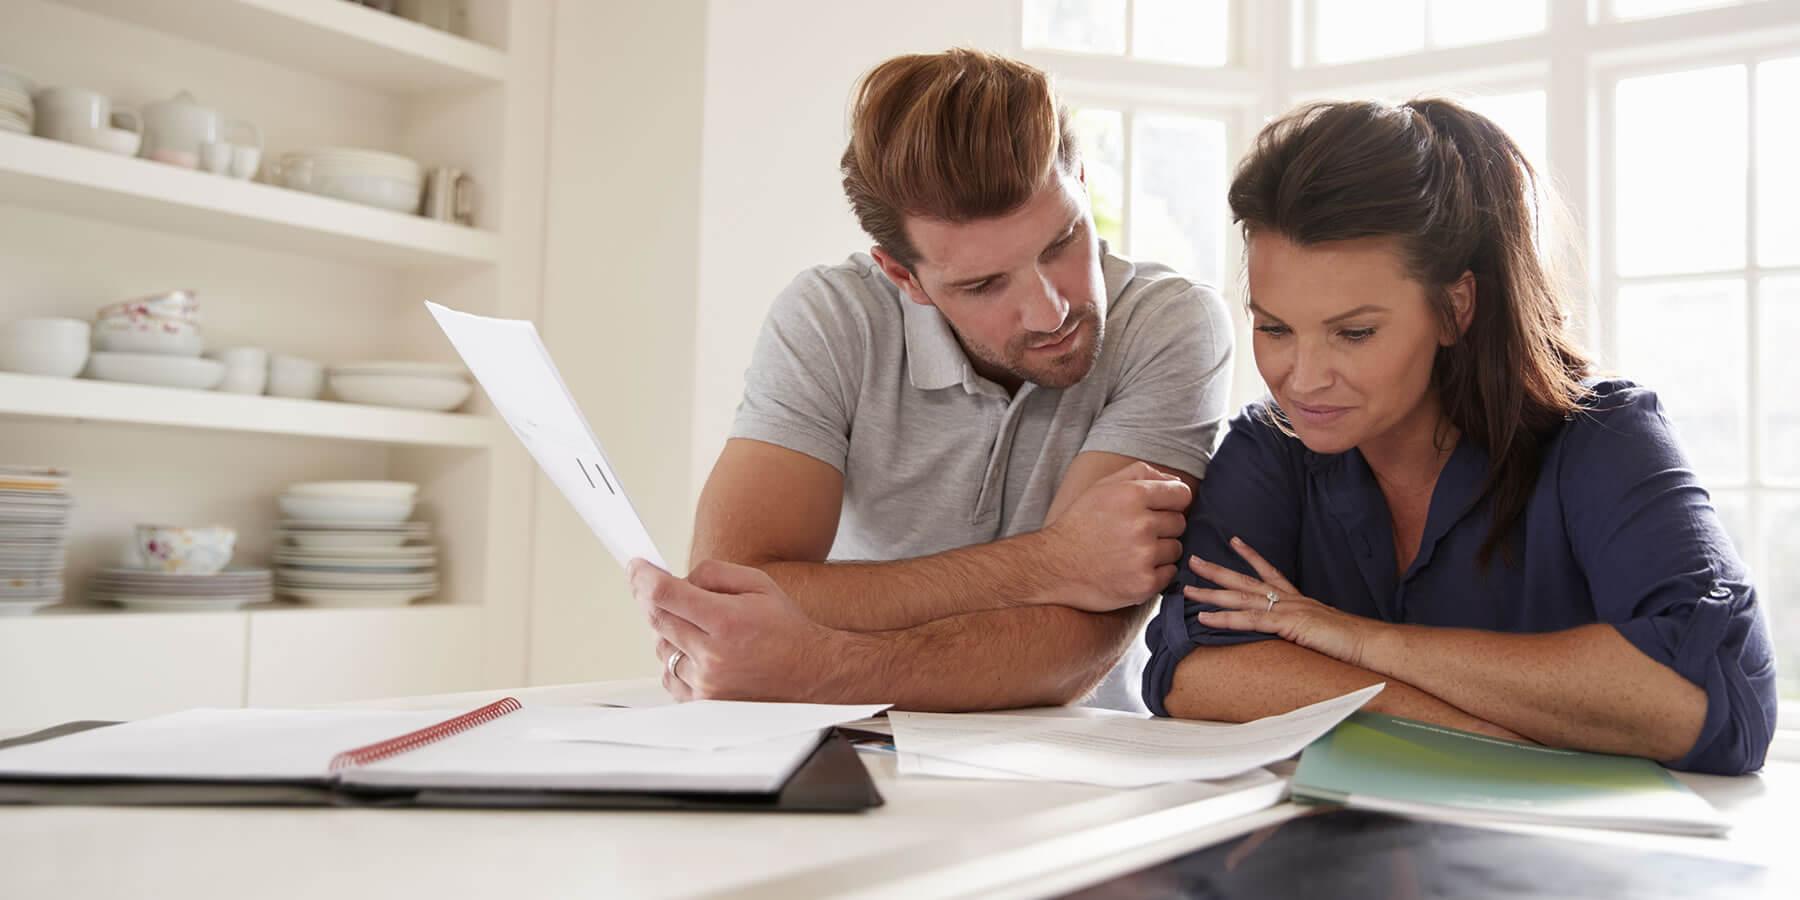 Grunderwerbsteuer 2019 Hohe Wer Zahlt Spartipps